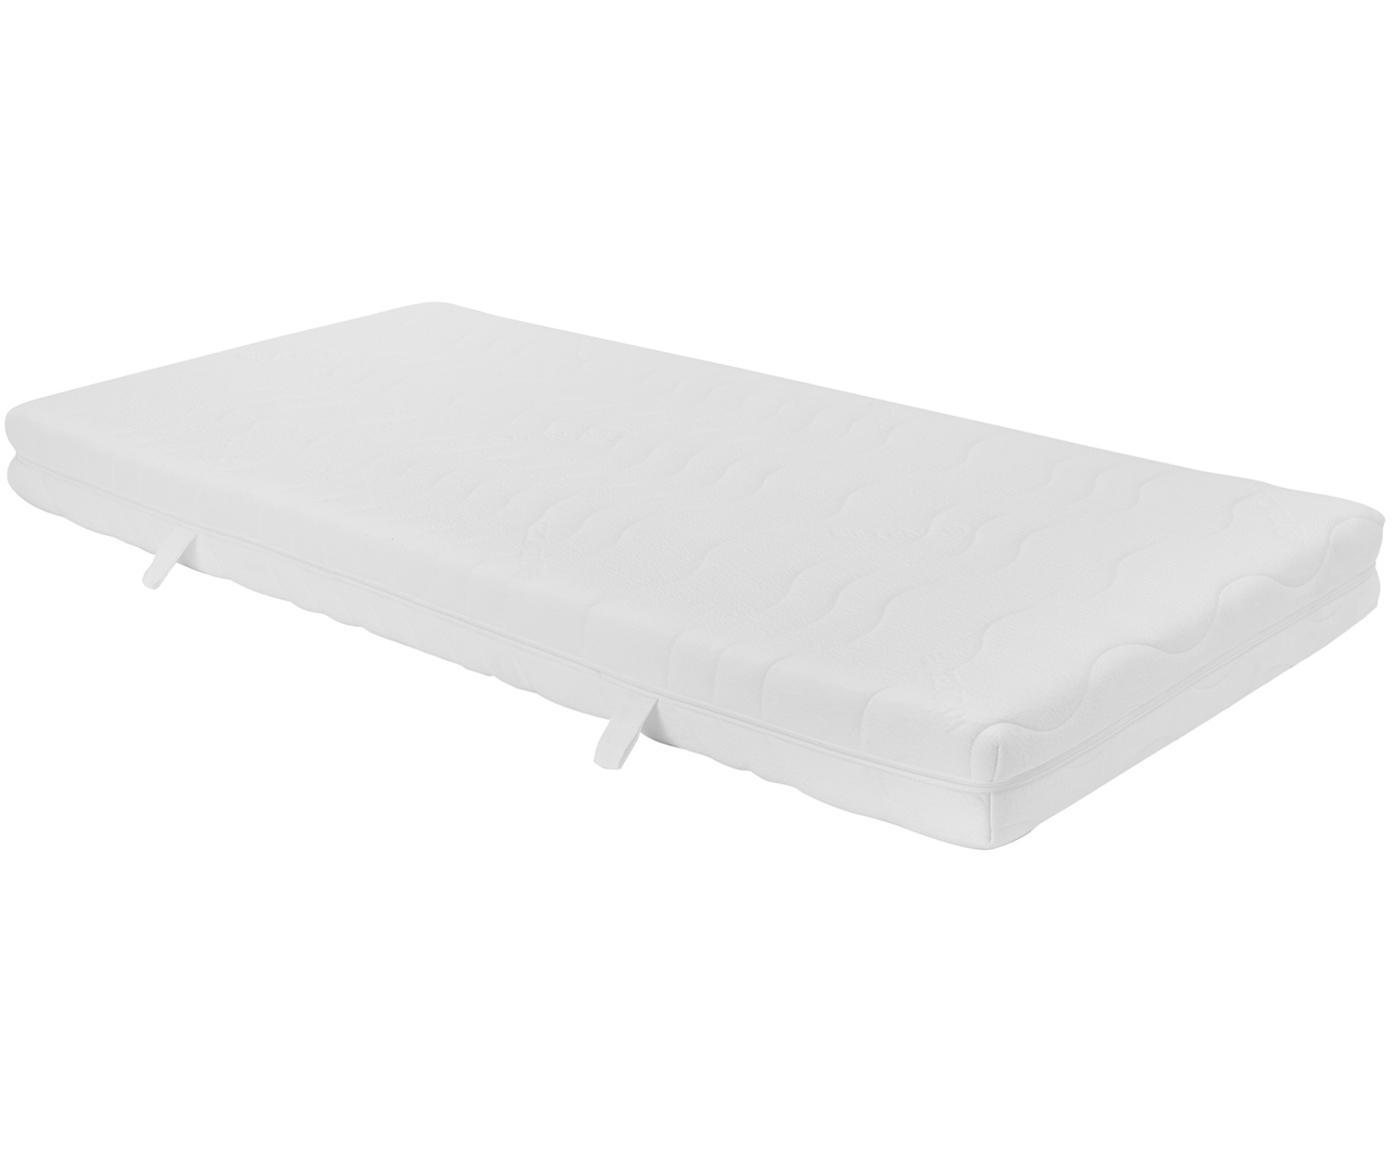 Koudschuim matras Vital, Wit, 90 x 200 cm